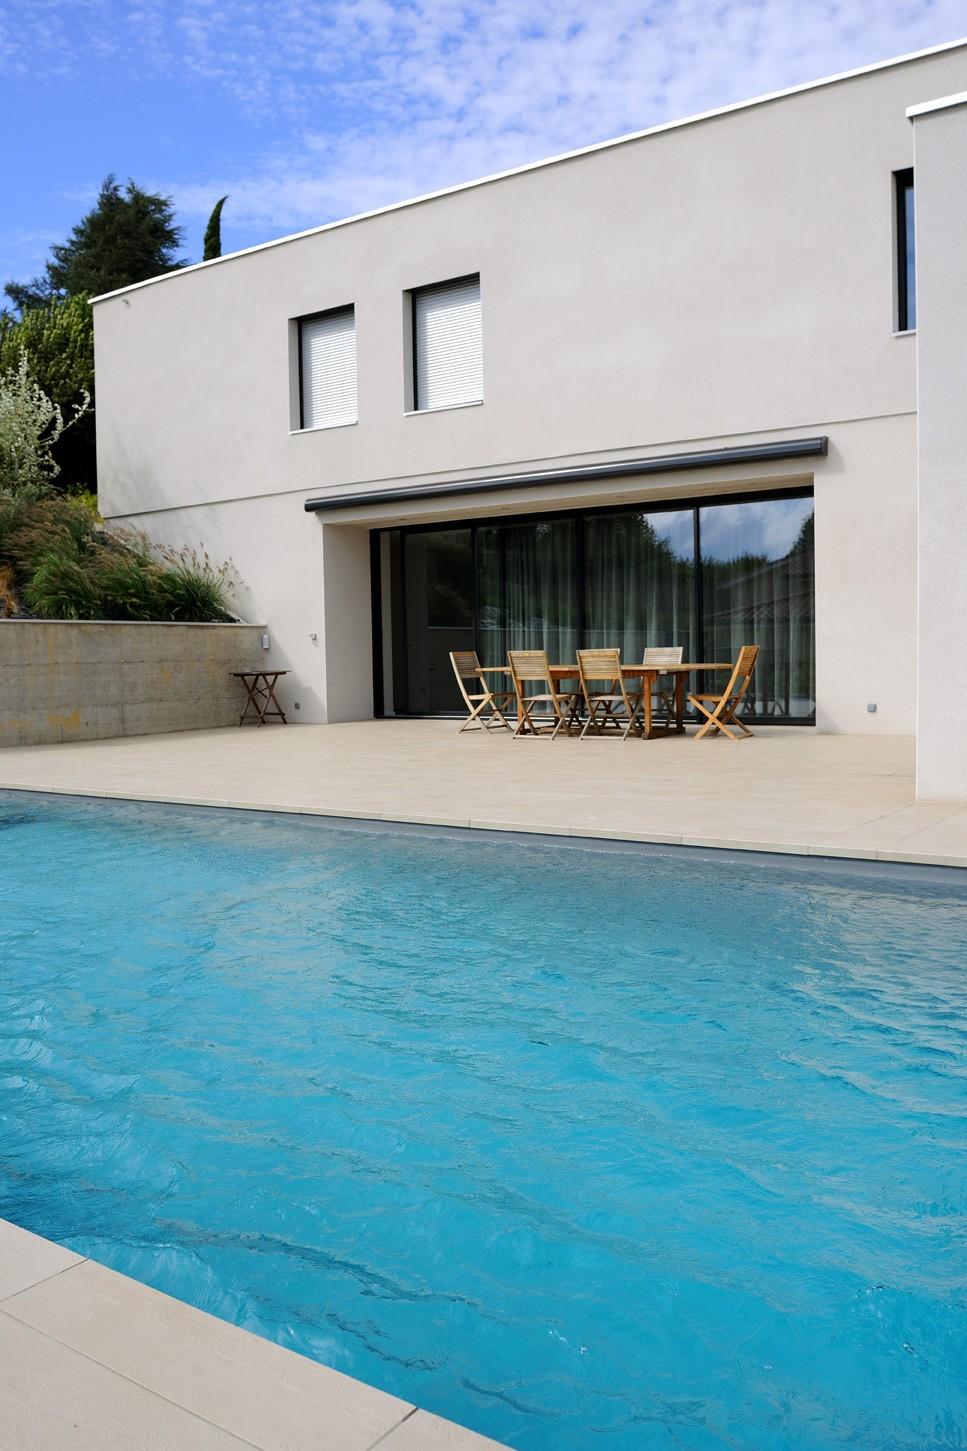 piscine avec volet banquette saint didier au mont d 39 or. Black Bedroom Furniture Sets. Home Design Ideas